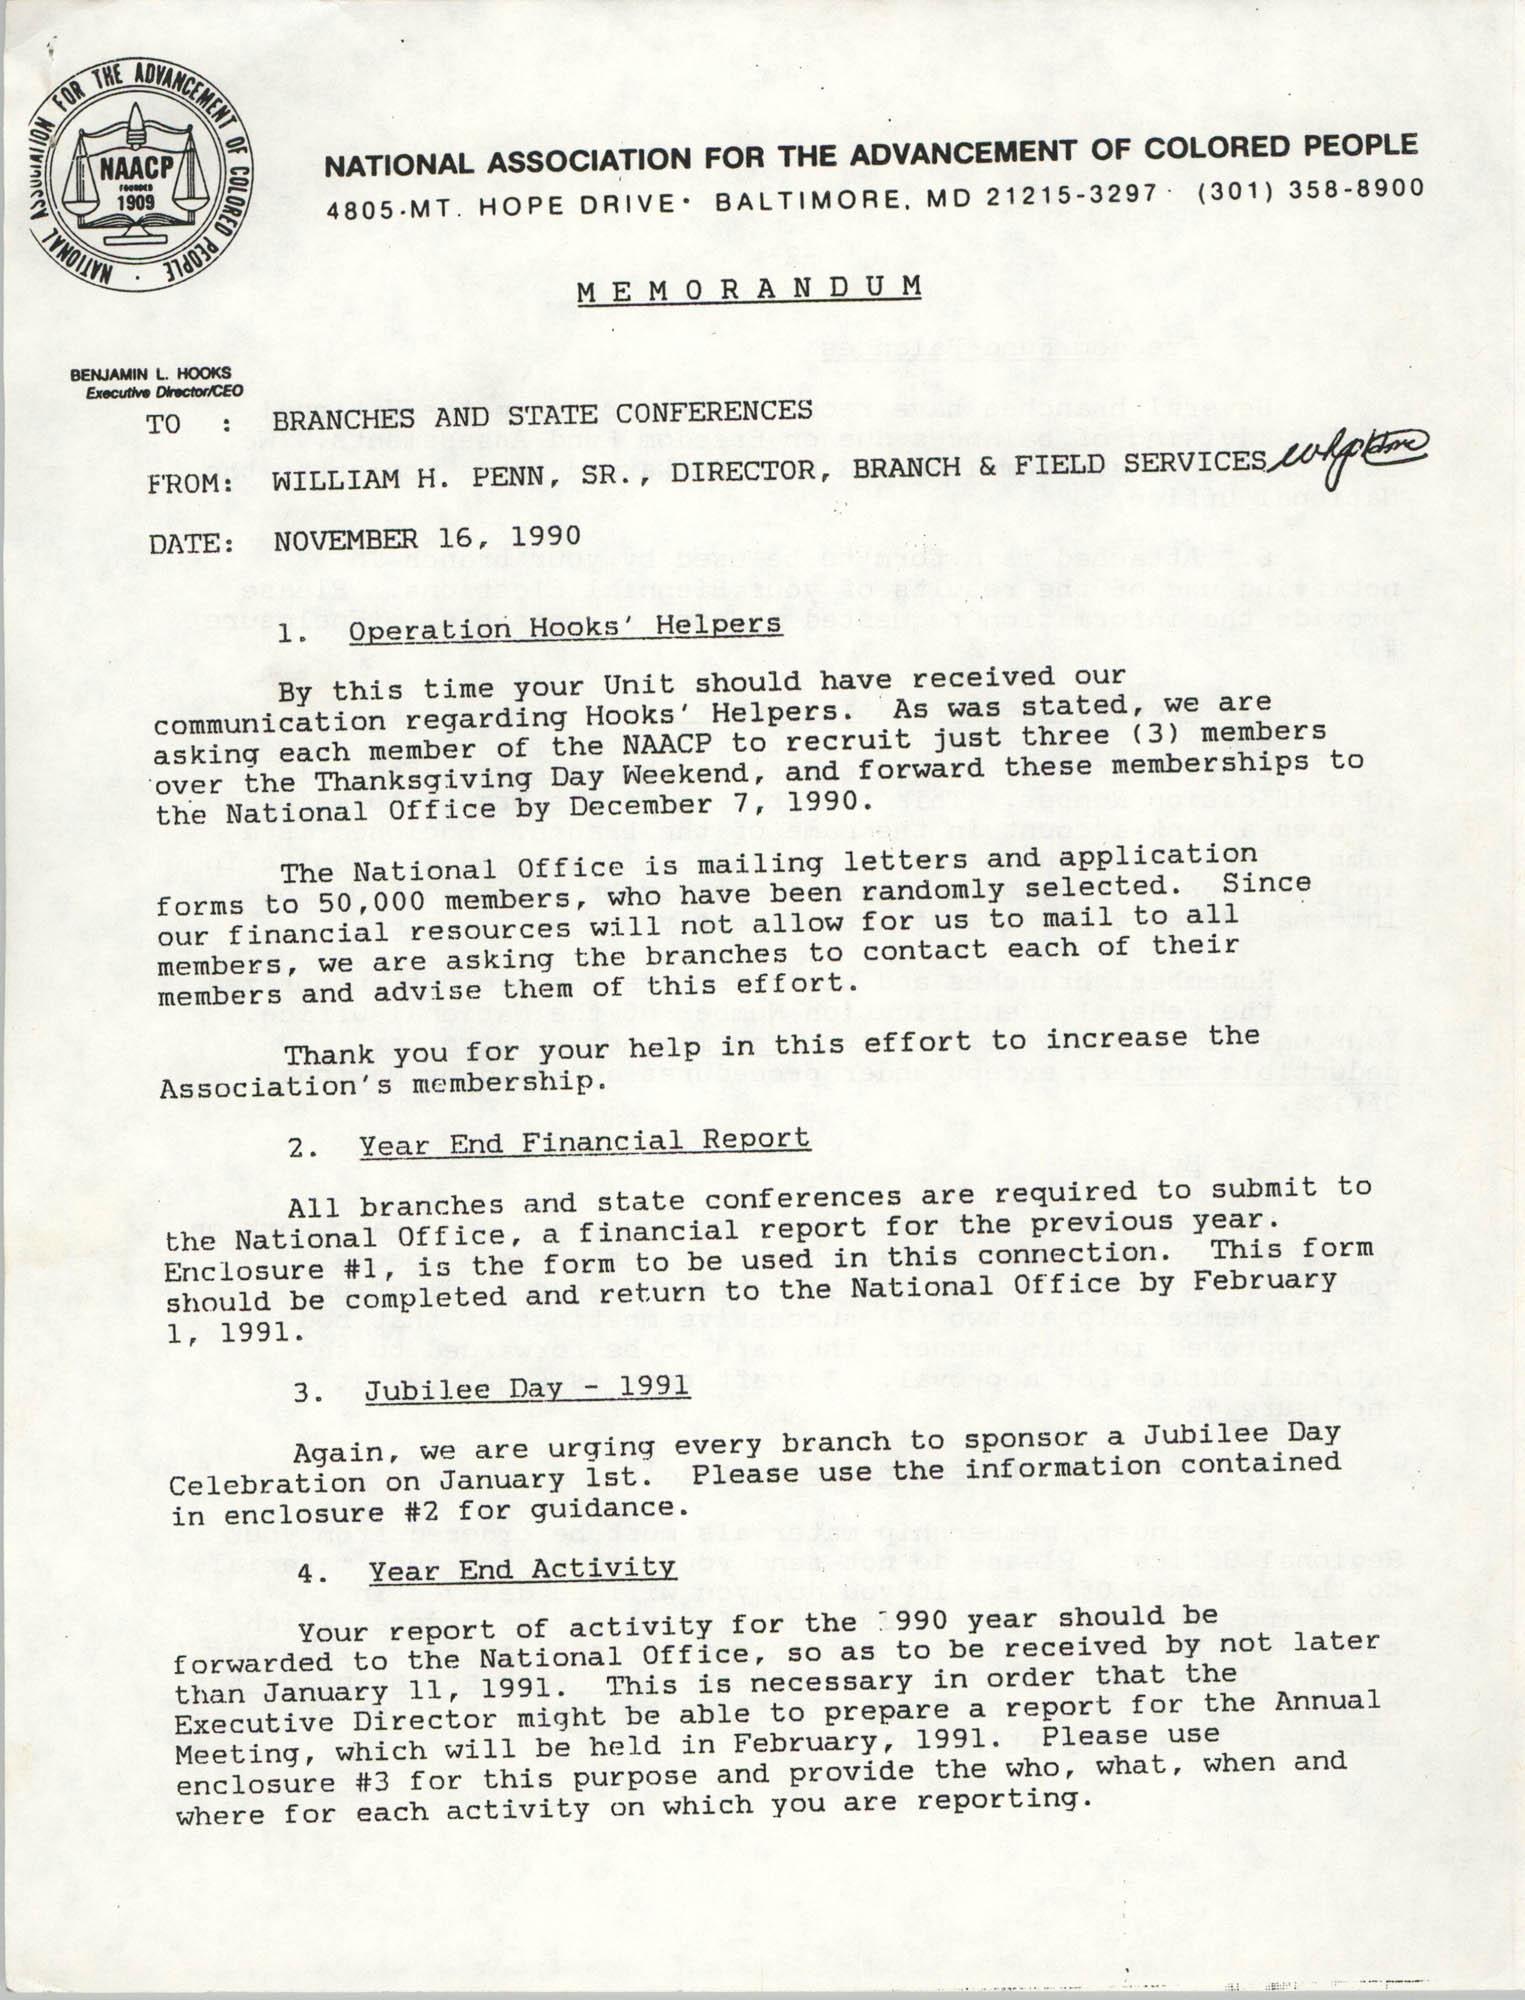 NAACP Memorandum, November 16, 1990